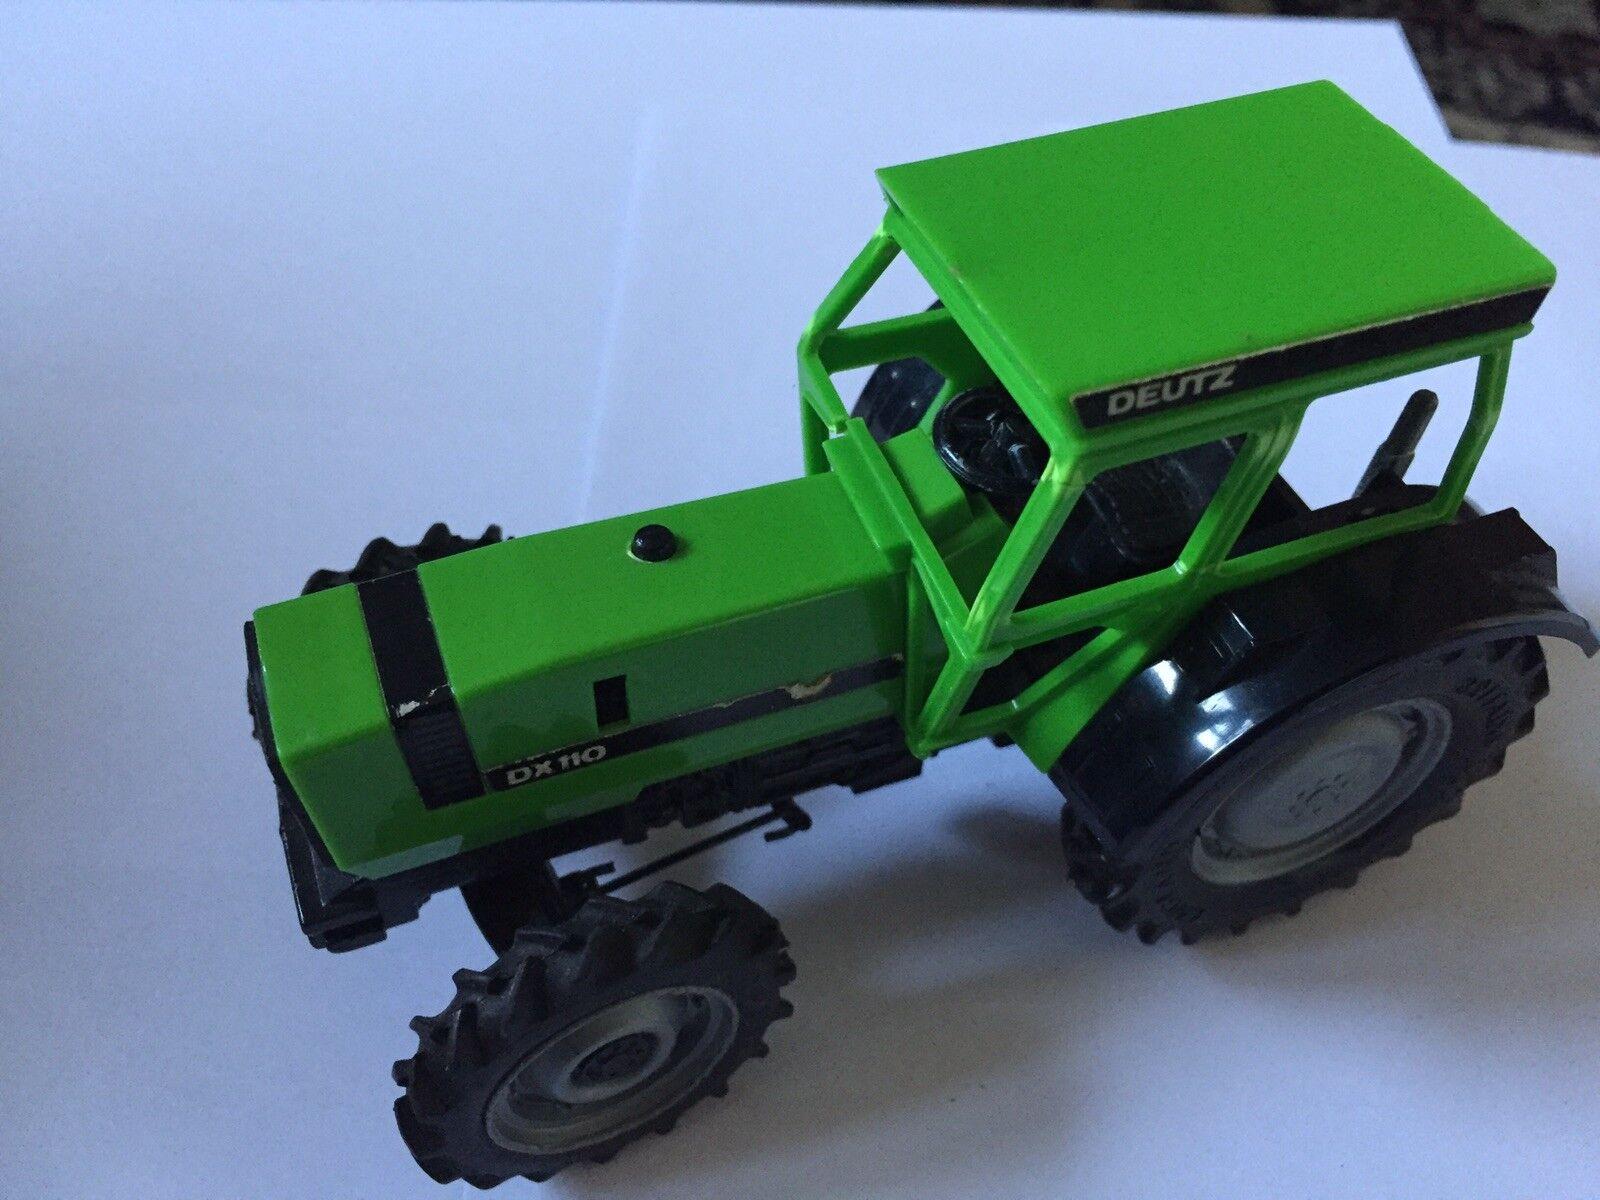 Britains Traktor - Deutz DX 110 -1 32 - Modell - Trector - 1978- vintage    Produktqualität